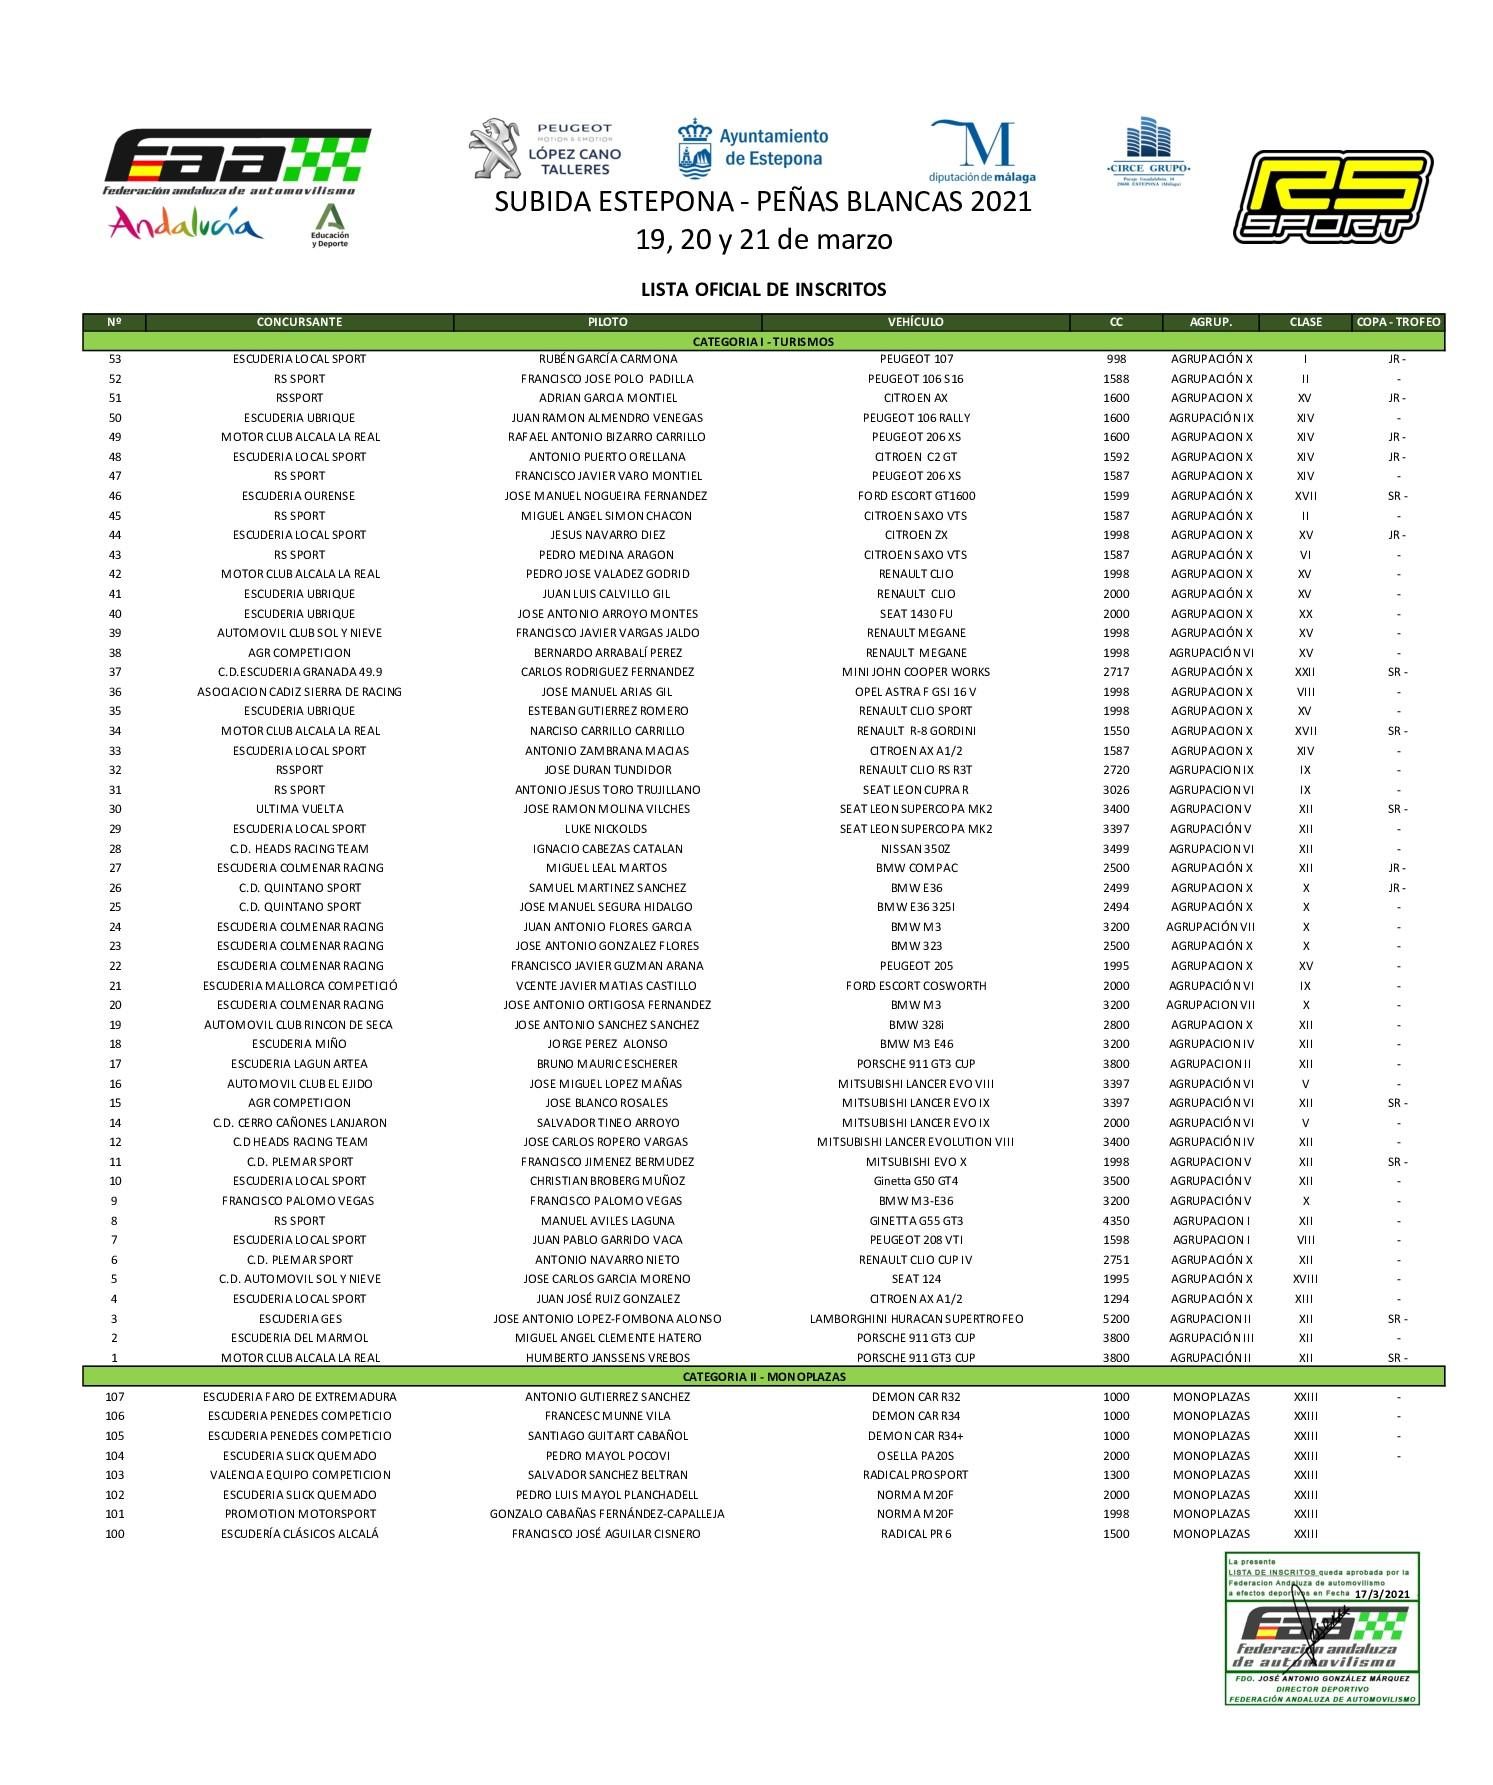 Inscritos XII Subida Estepona - Peñas Blancas 2021